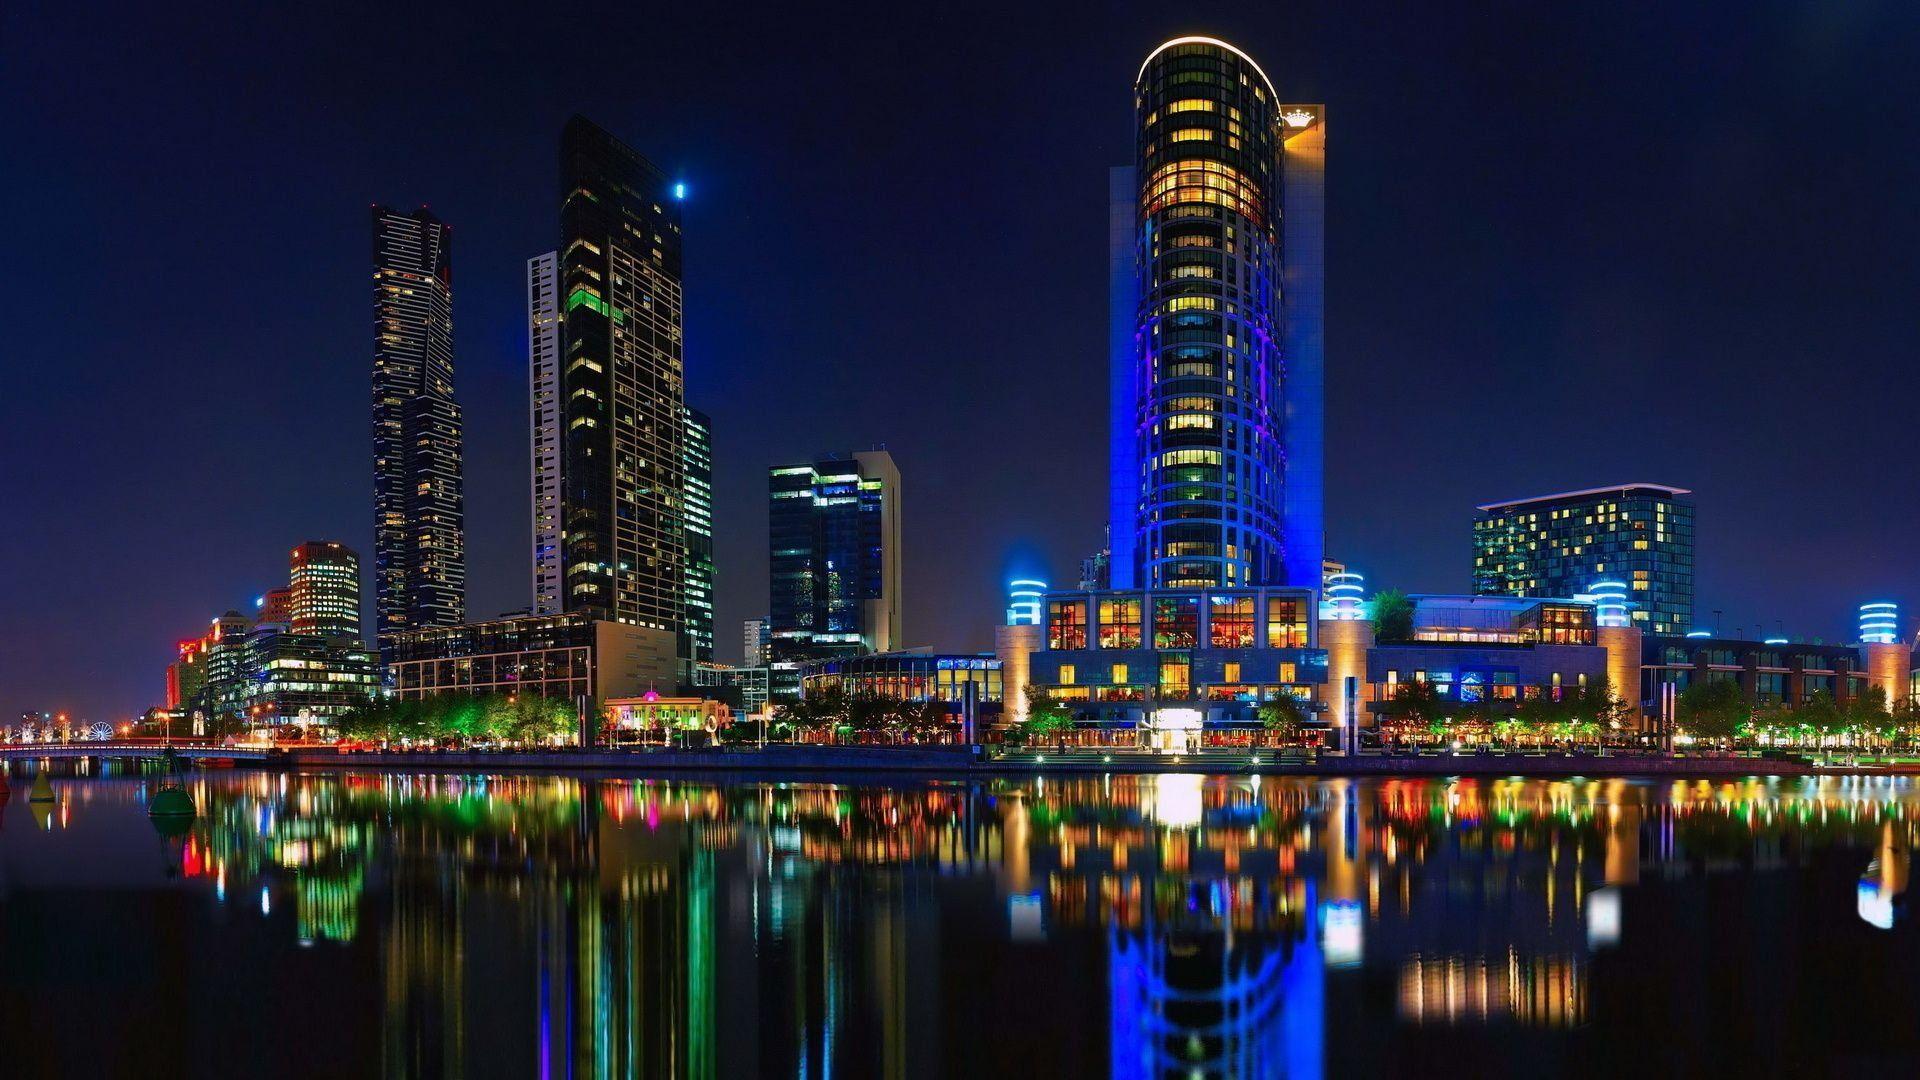 проходят красивые картинки ночной город помещения сразу